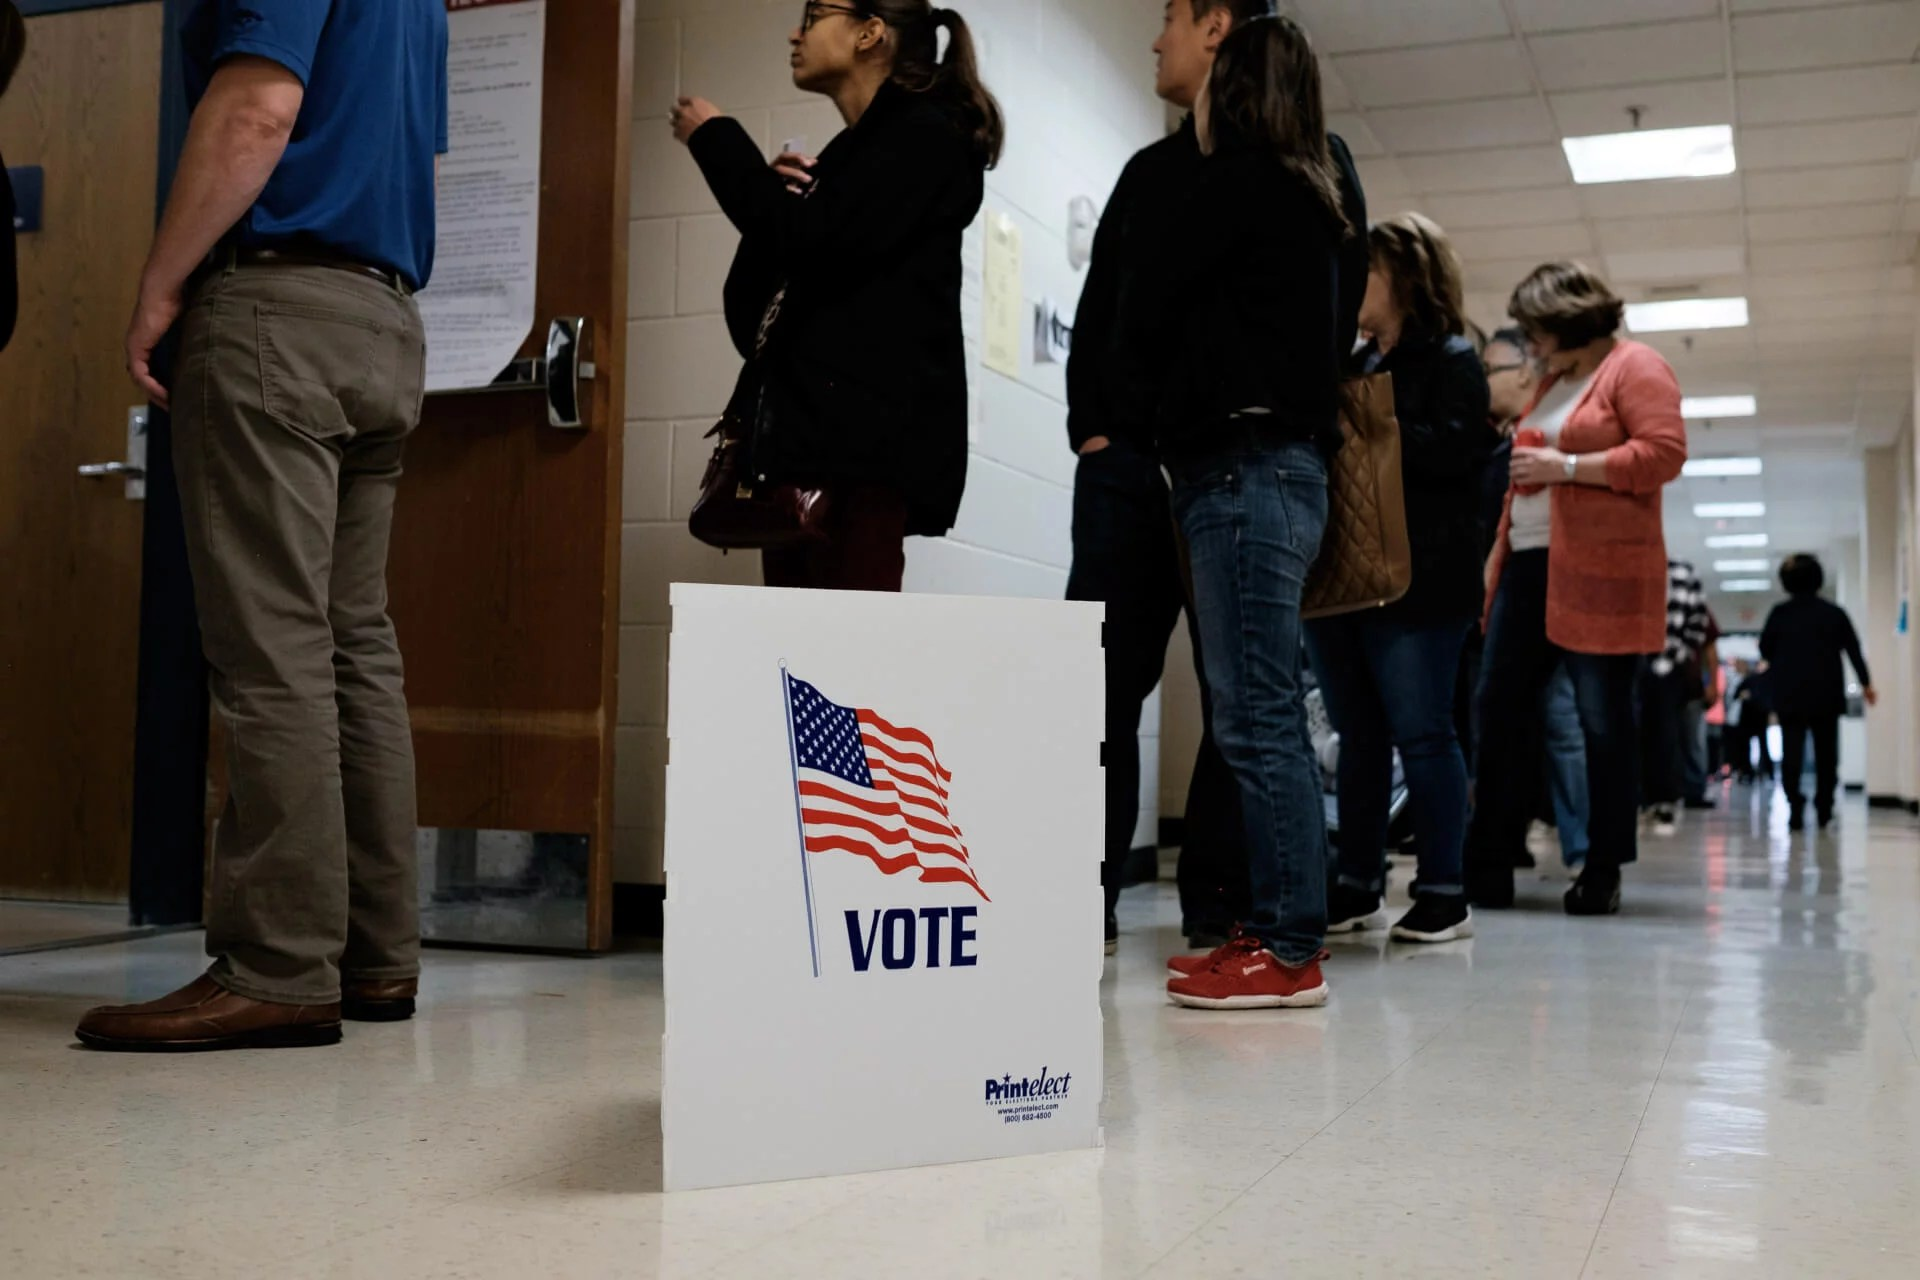 En Estados Unidos, el Departamento de Elecciones del estado de Virginia evaluará el posible uso de tecnología blockchain para el sistema electoral